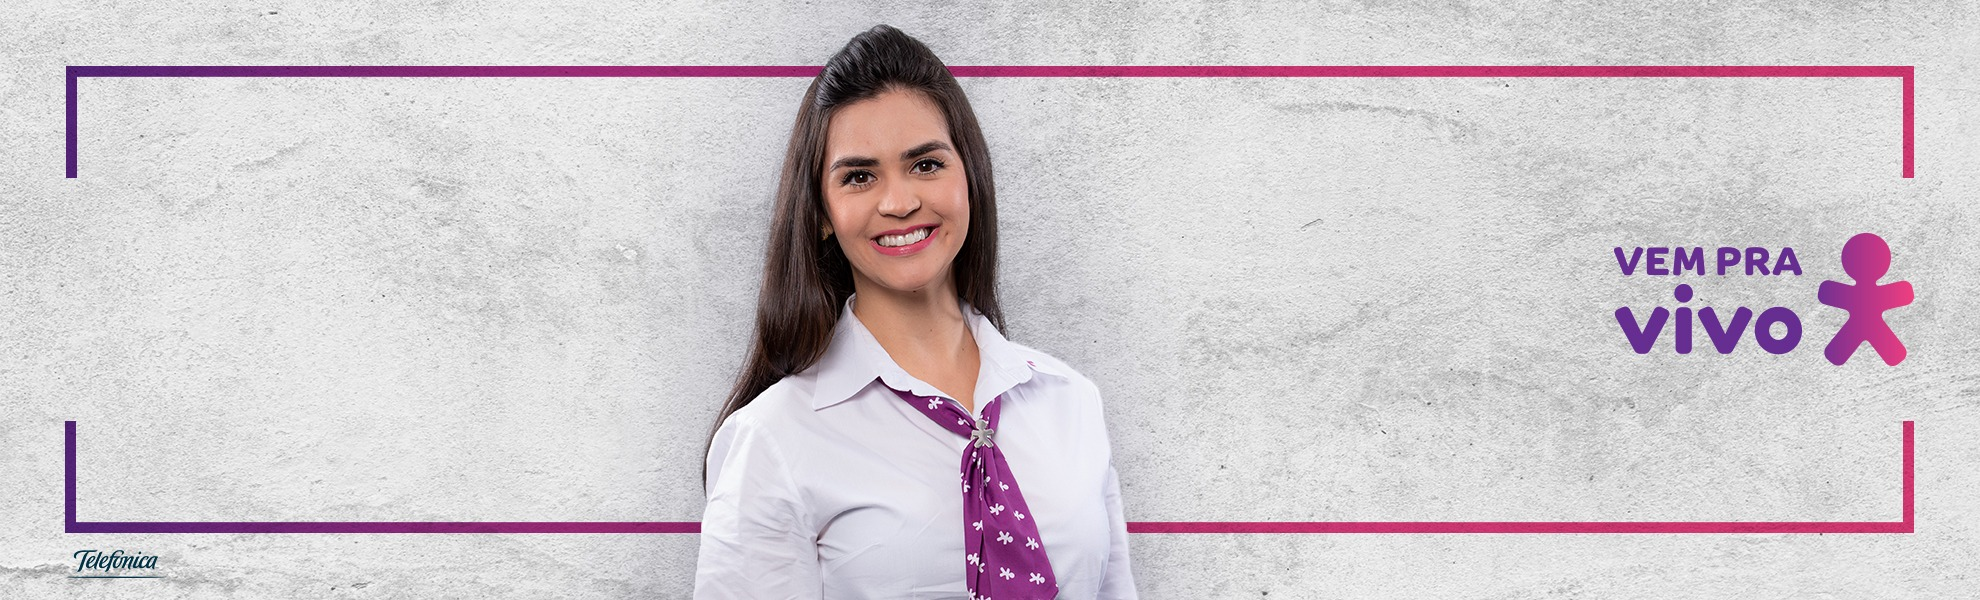 Banco de Talentos - Consultor de Negócios (Lojas Vivo) - Pessoa com deficiência